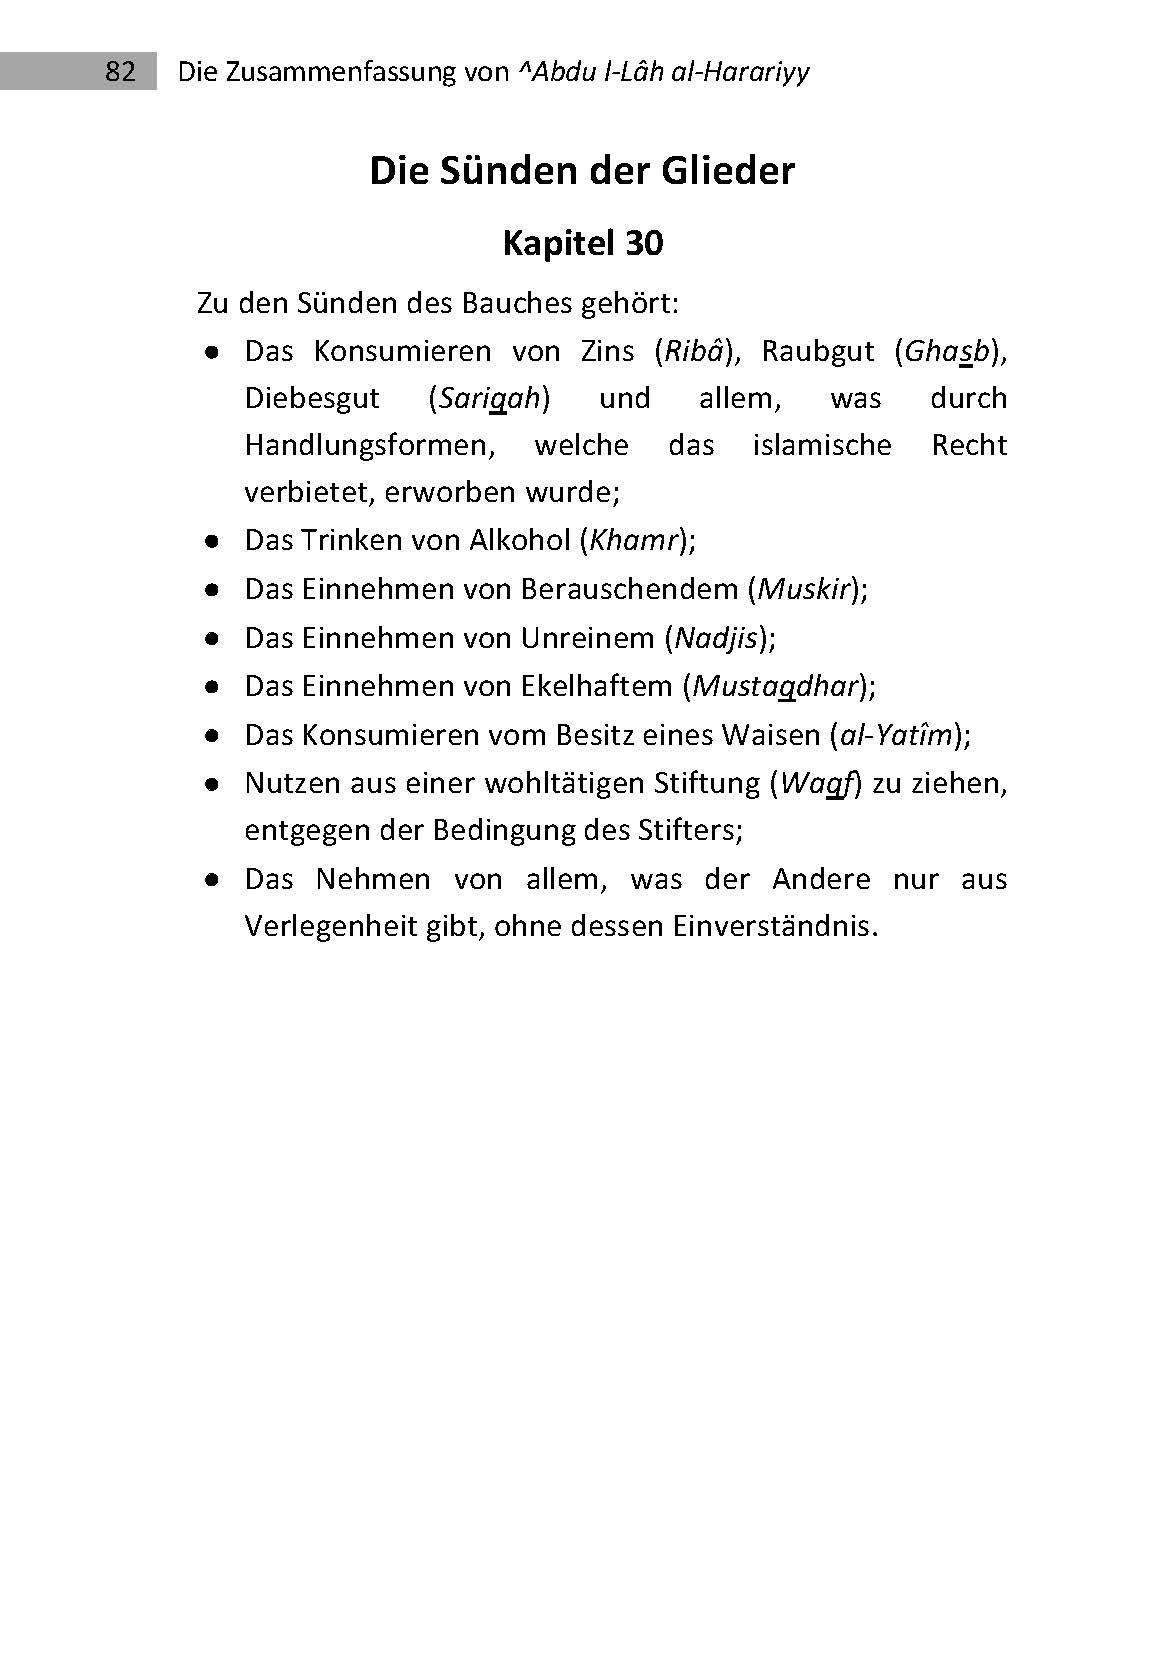 Die Zusammenfassung - 3. Auflage 2014_Seite_82